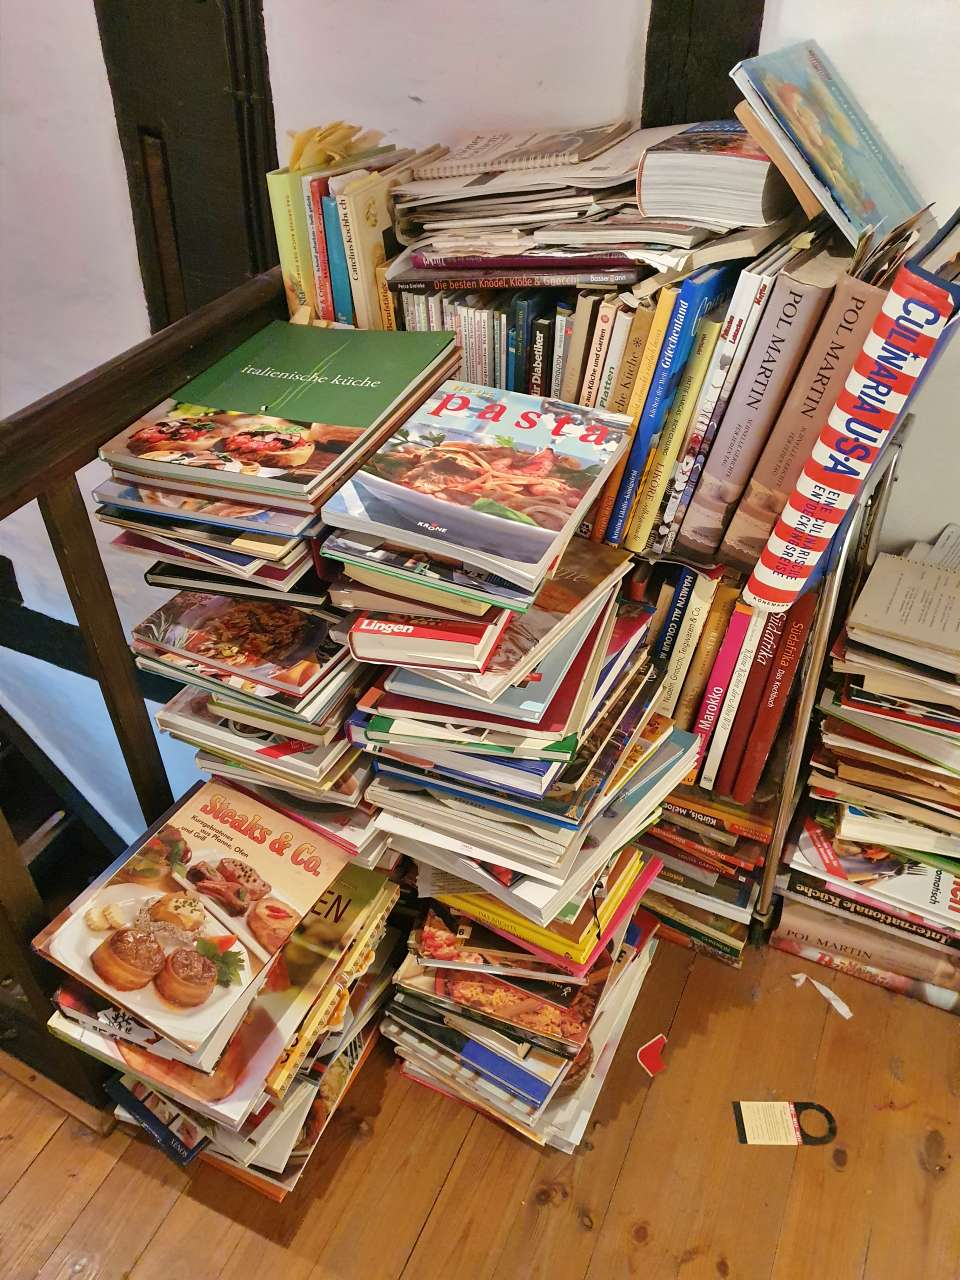 Grosse Sammlung / Konvolut an Kochbüchern 06